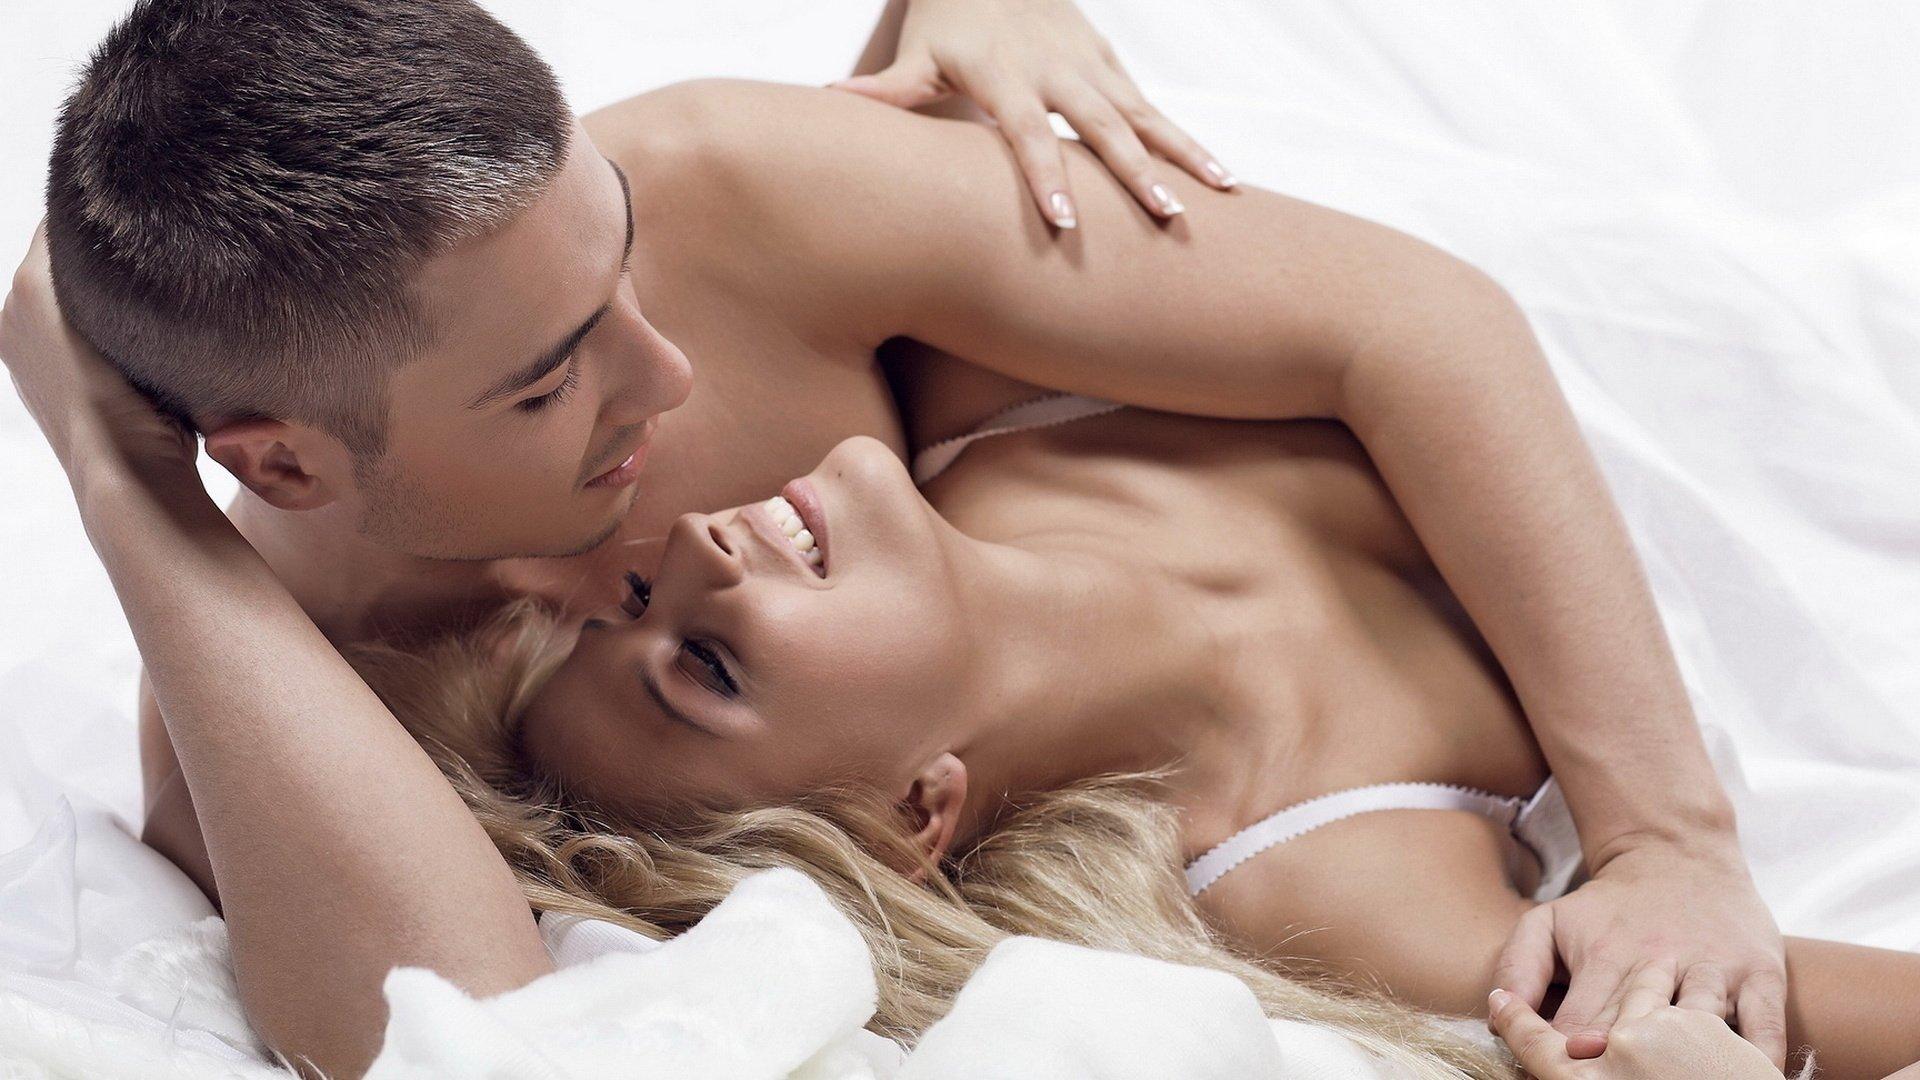 golim-glavvrachom-protsess-seksa-kartinki-russkoe-porno-zrelimi